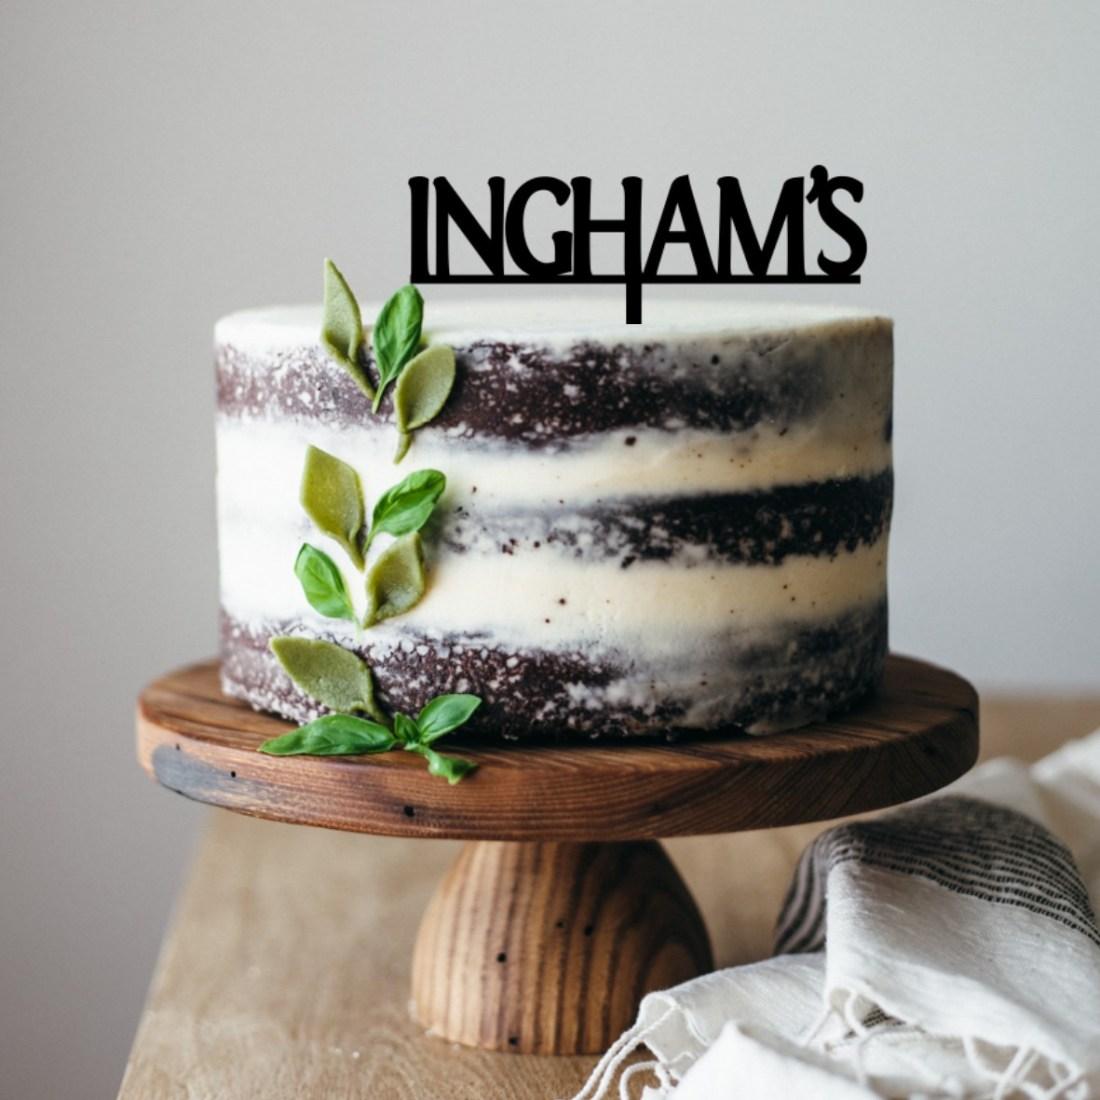 Inghams Cake Topper